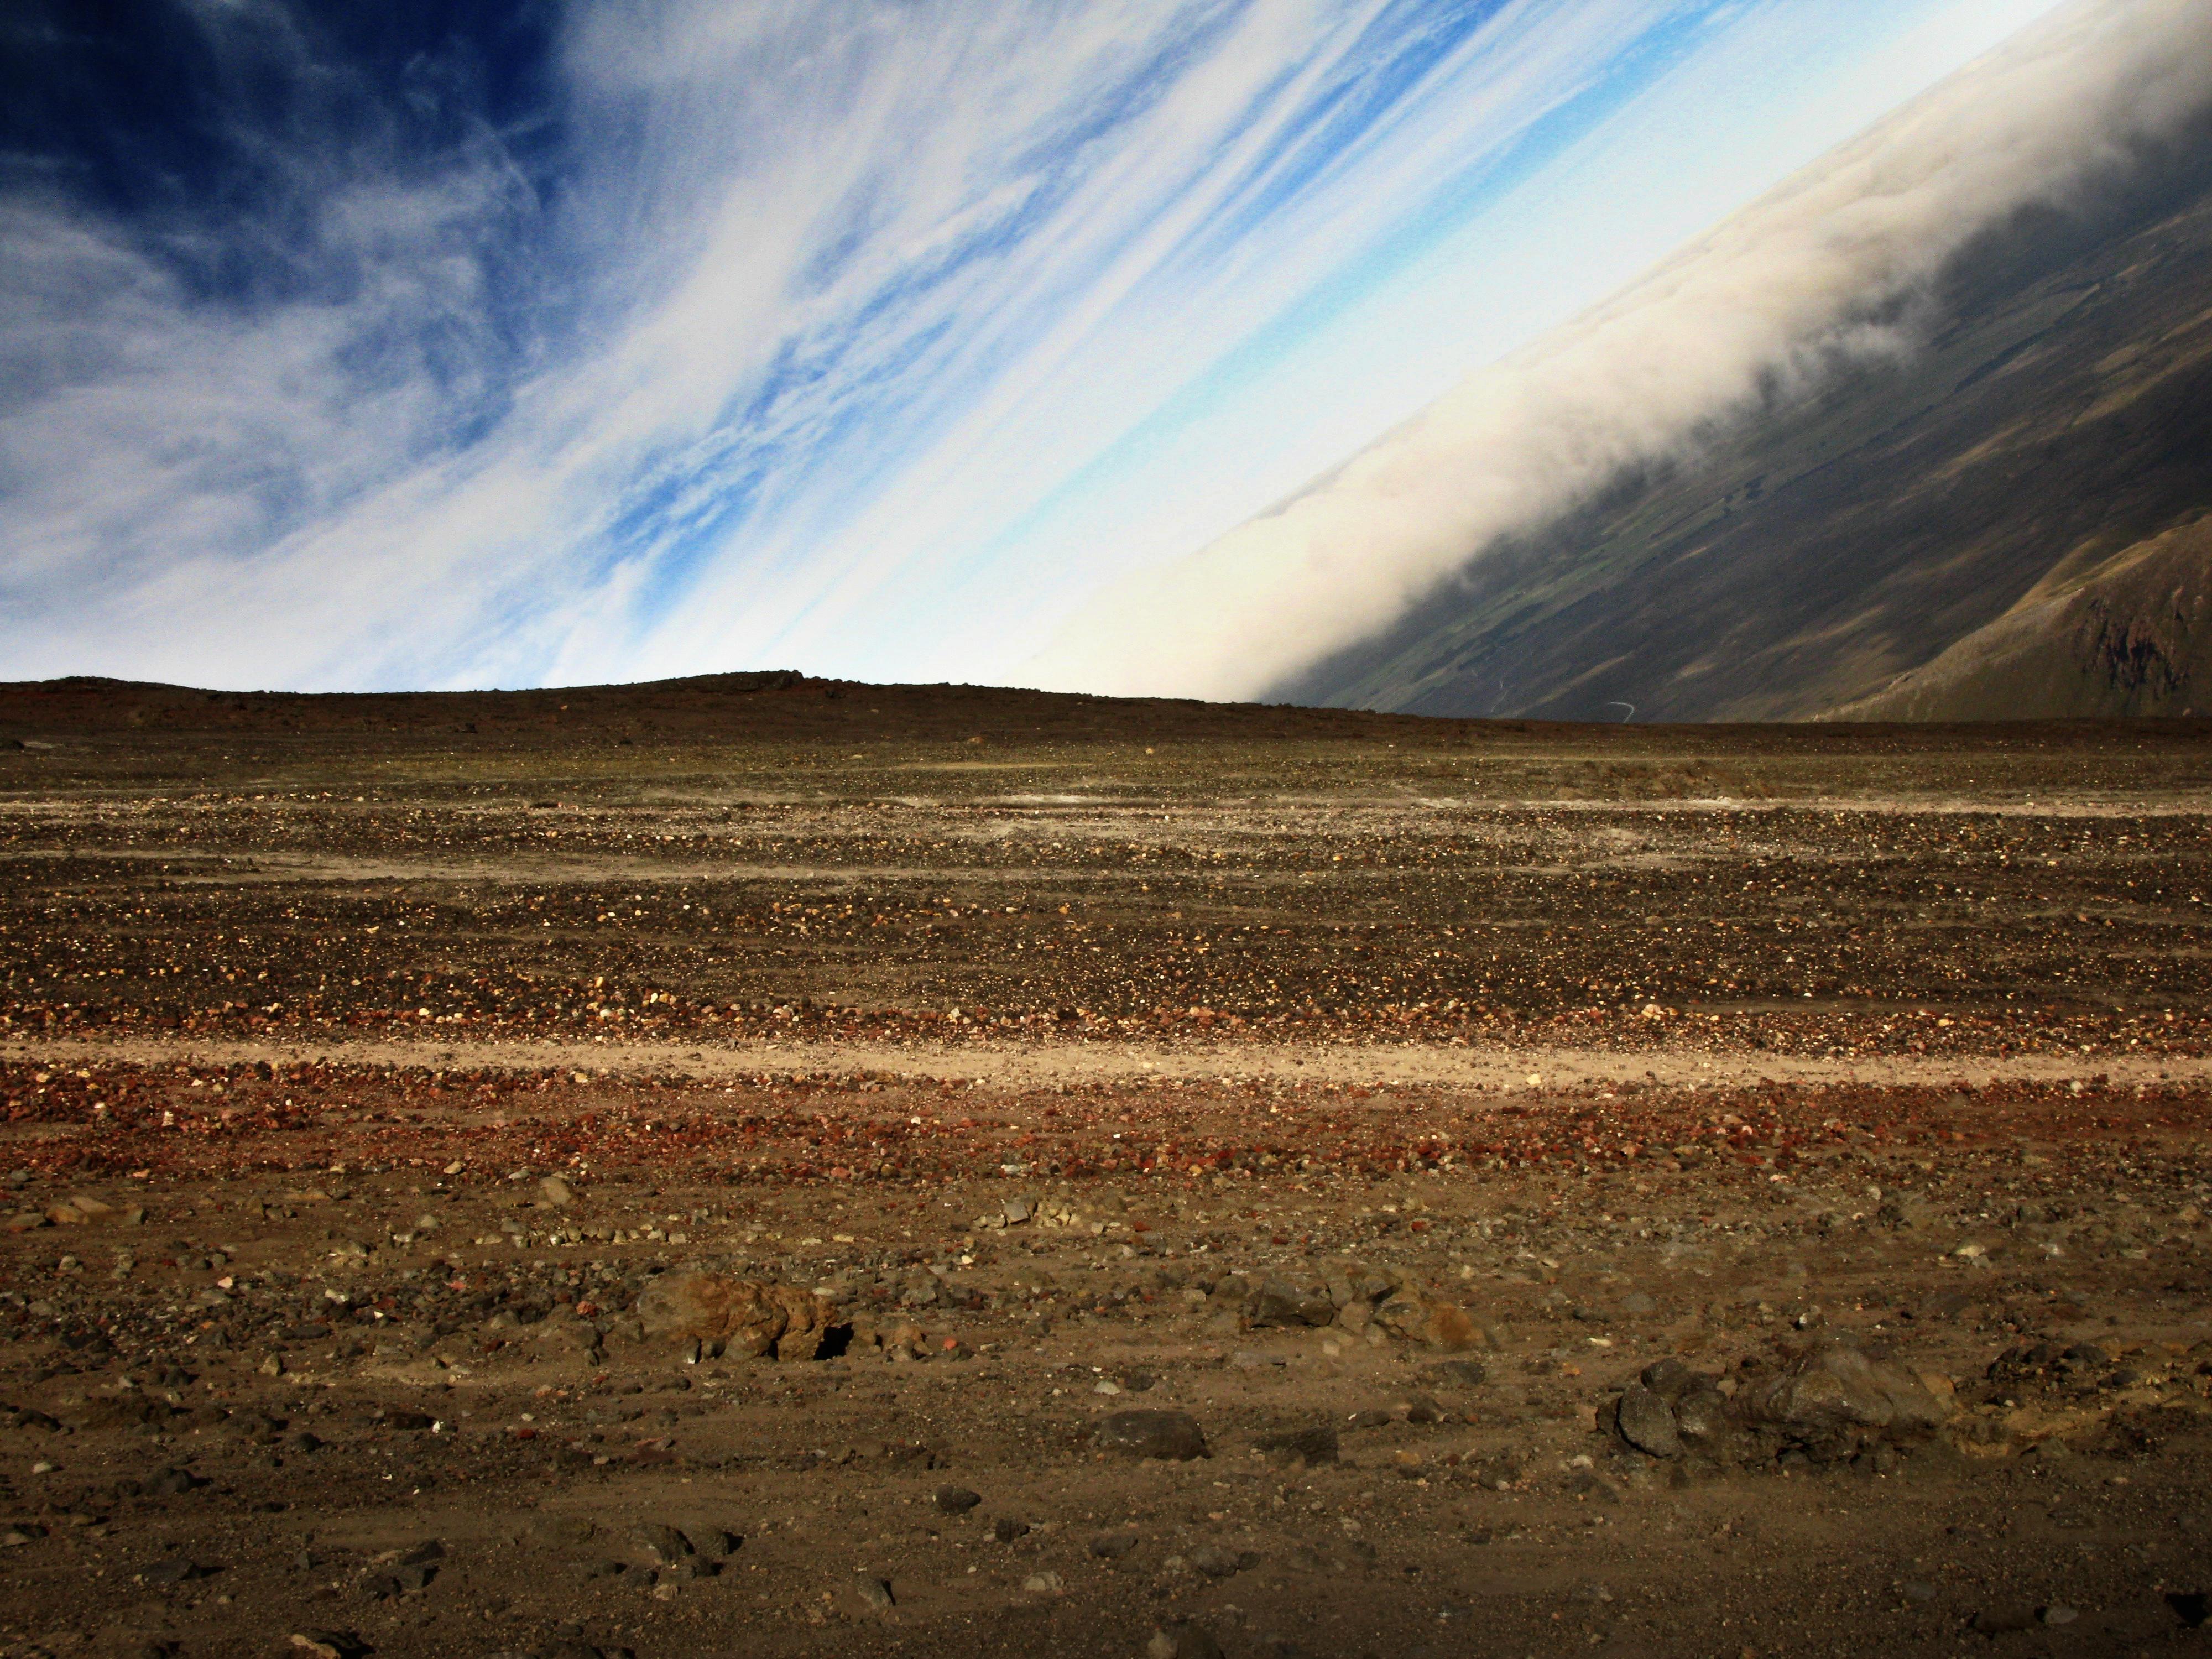 Mt. Doom